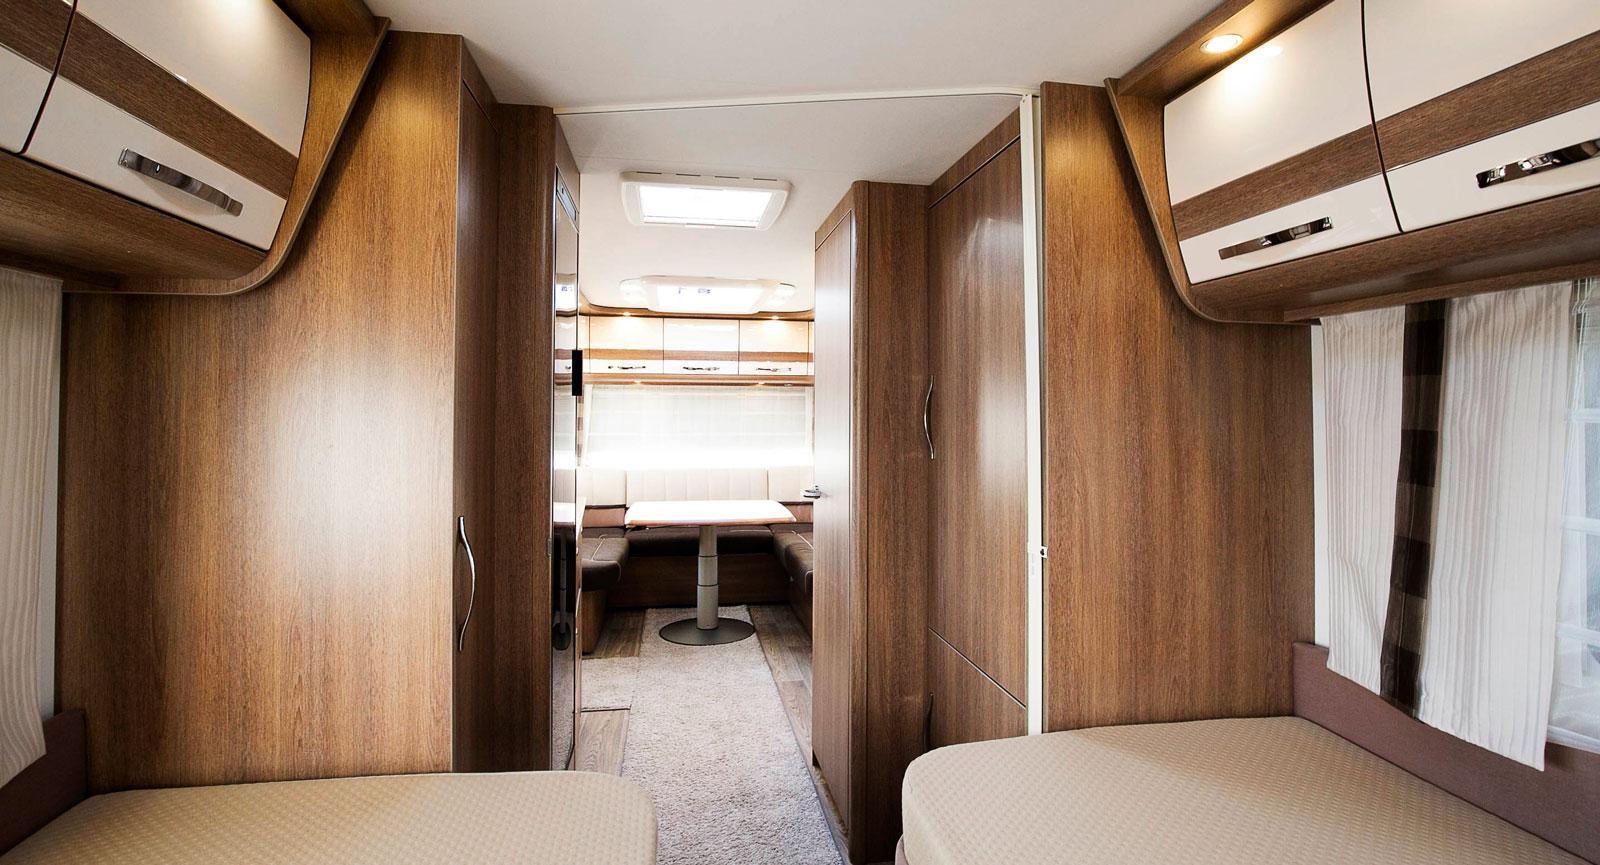 Mitten av vagnen har en bred midja. Det går att dra för en jalusi som då avskärmar sovrummet.